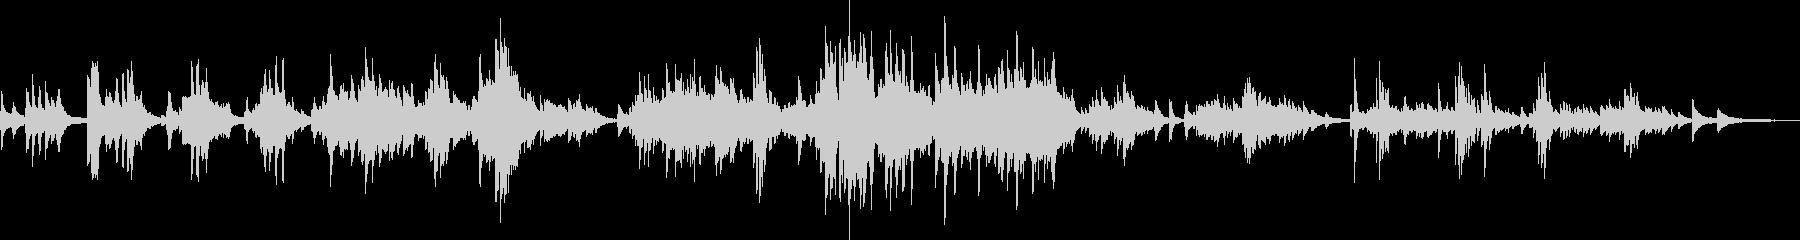 優雅な時間(ピアノ・落ち着く・ゆったり)の未再生の波形